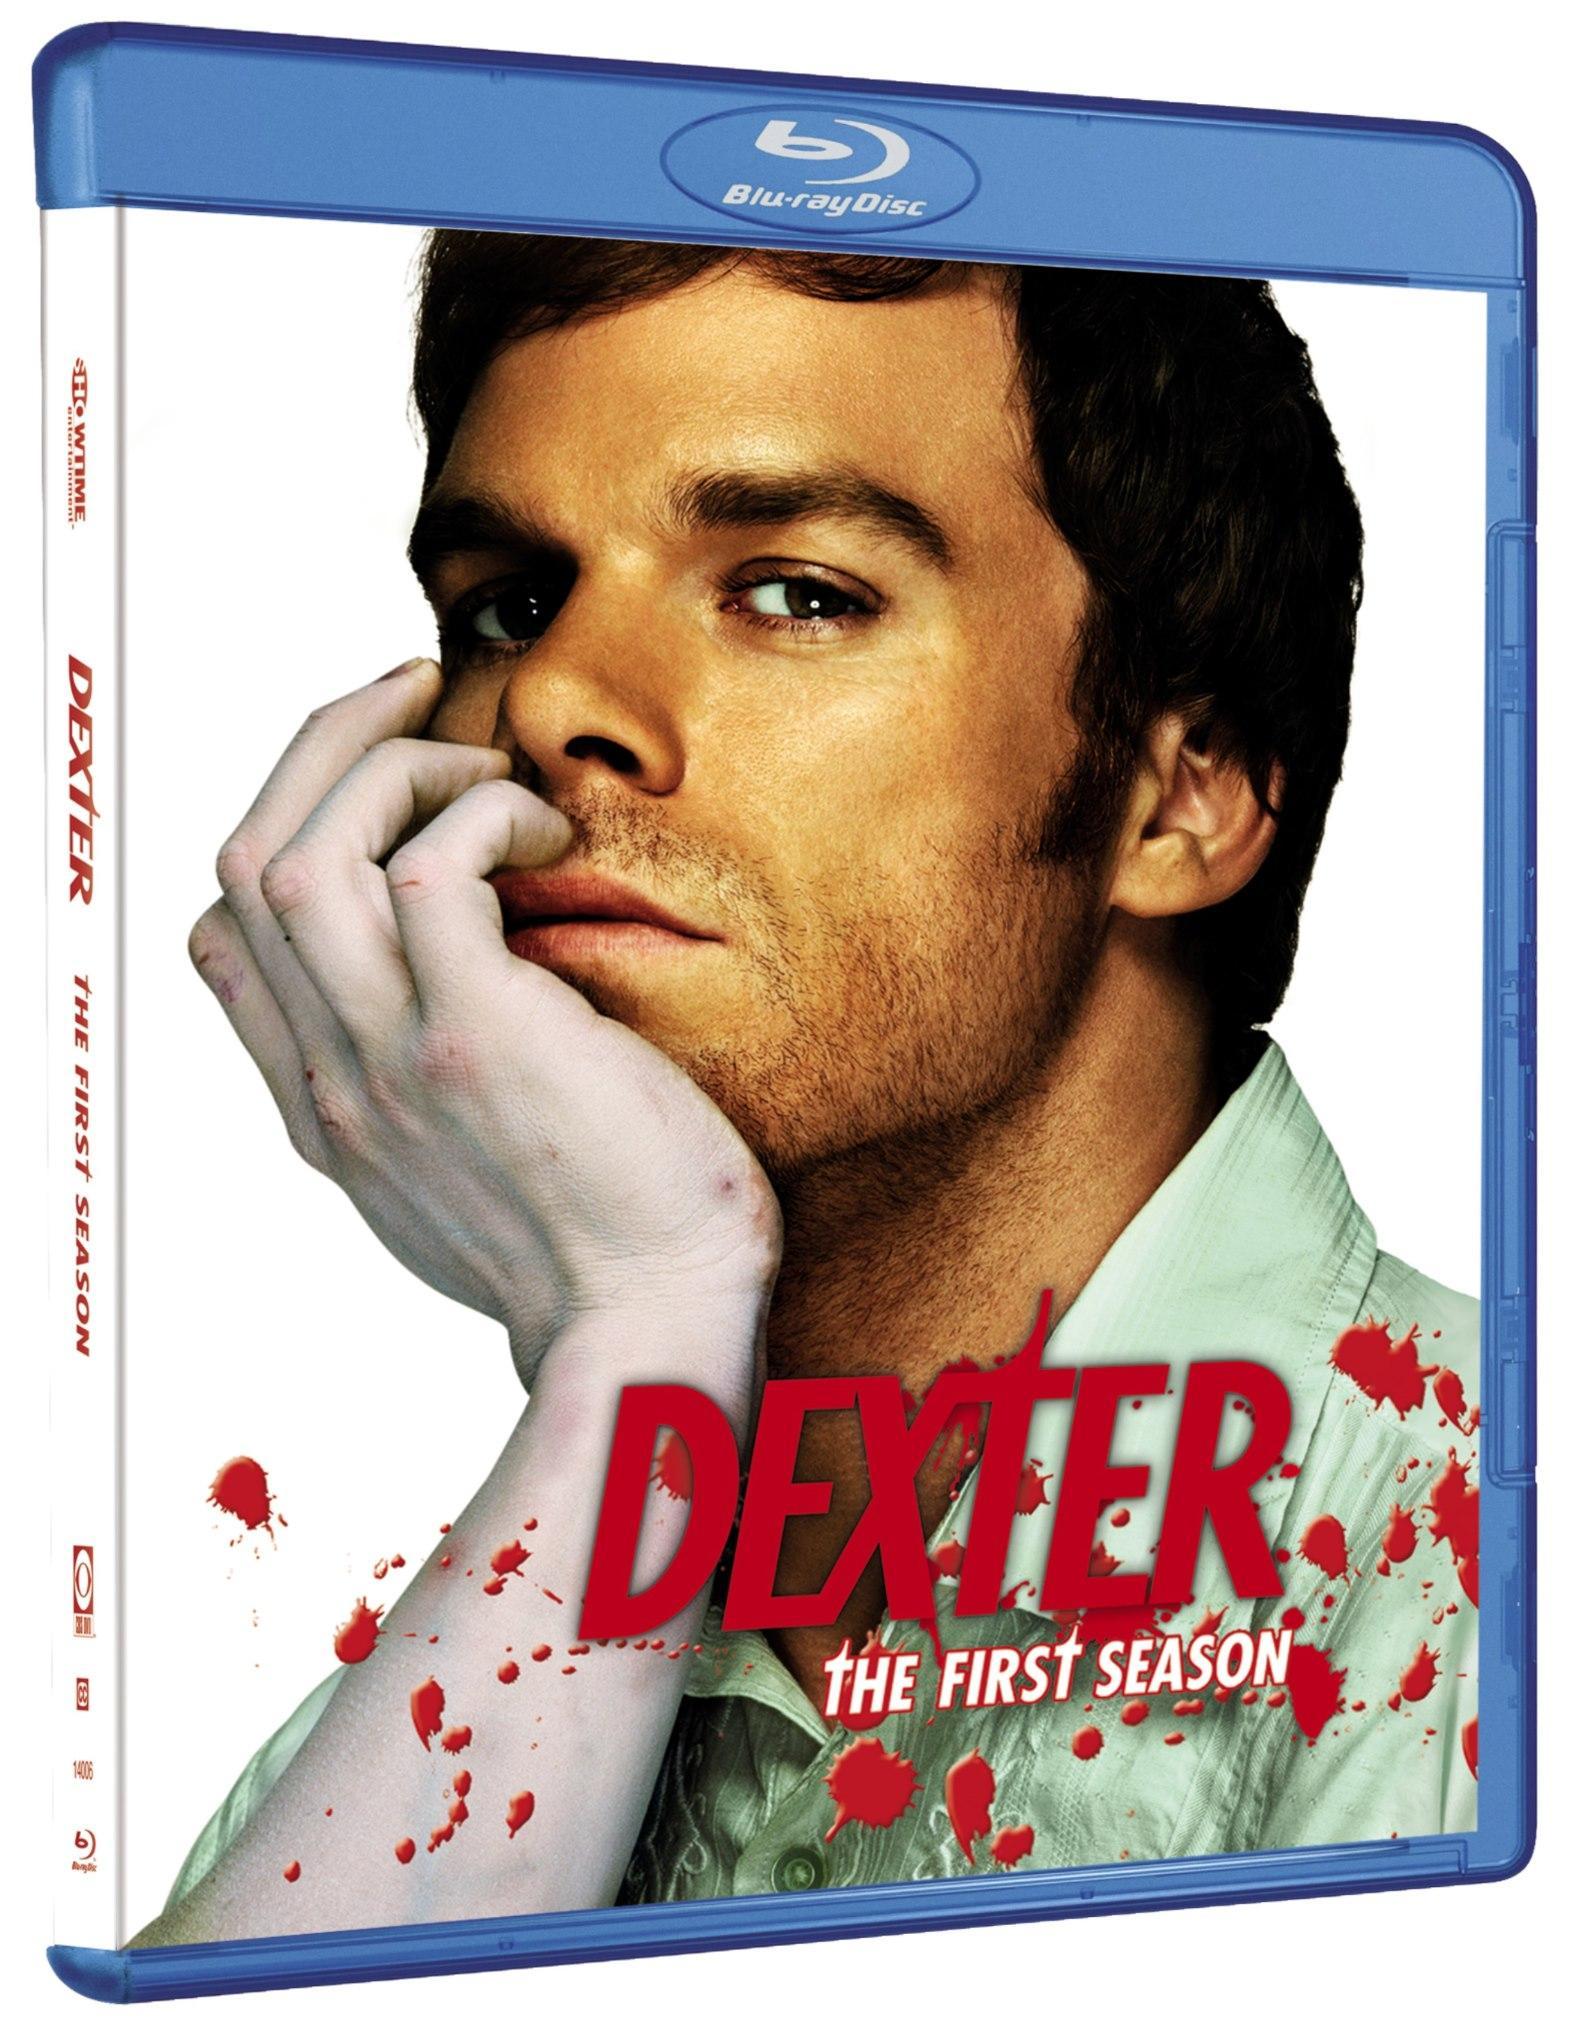 Dexter season 1 dvdrip